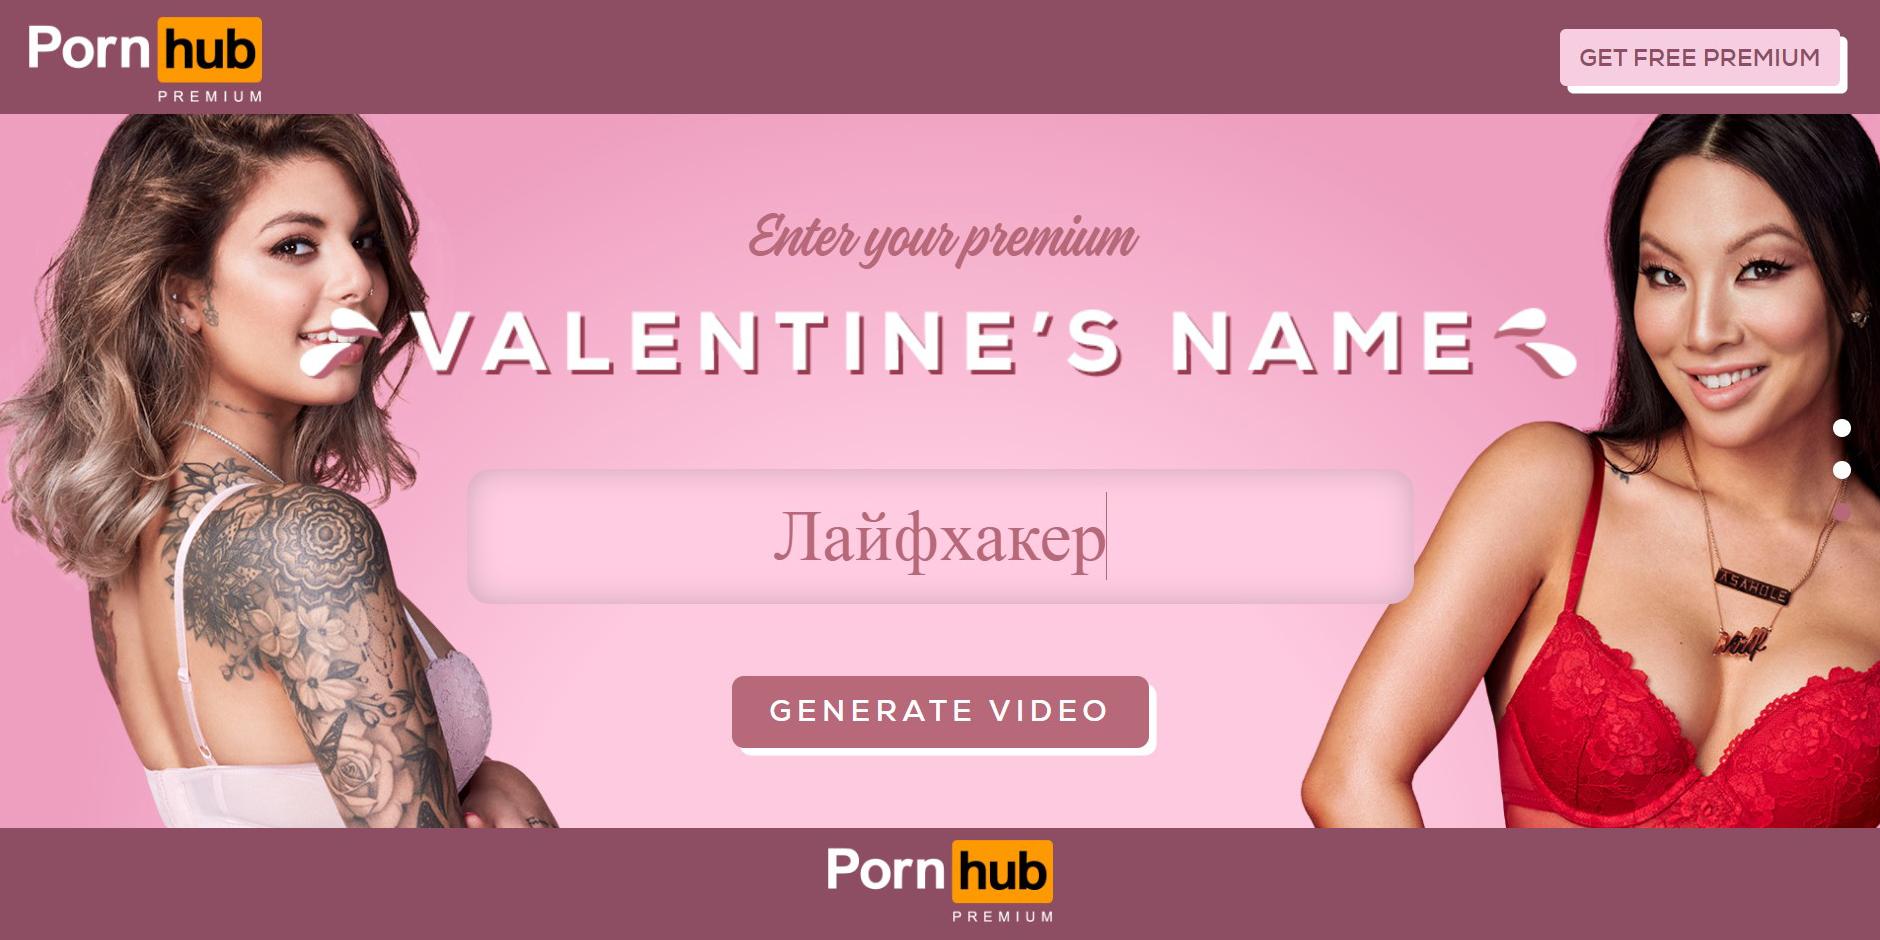 поздравление Pornhub